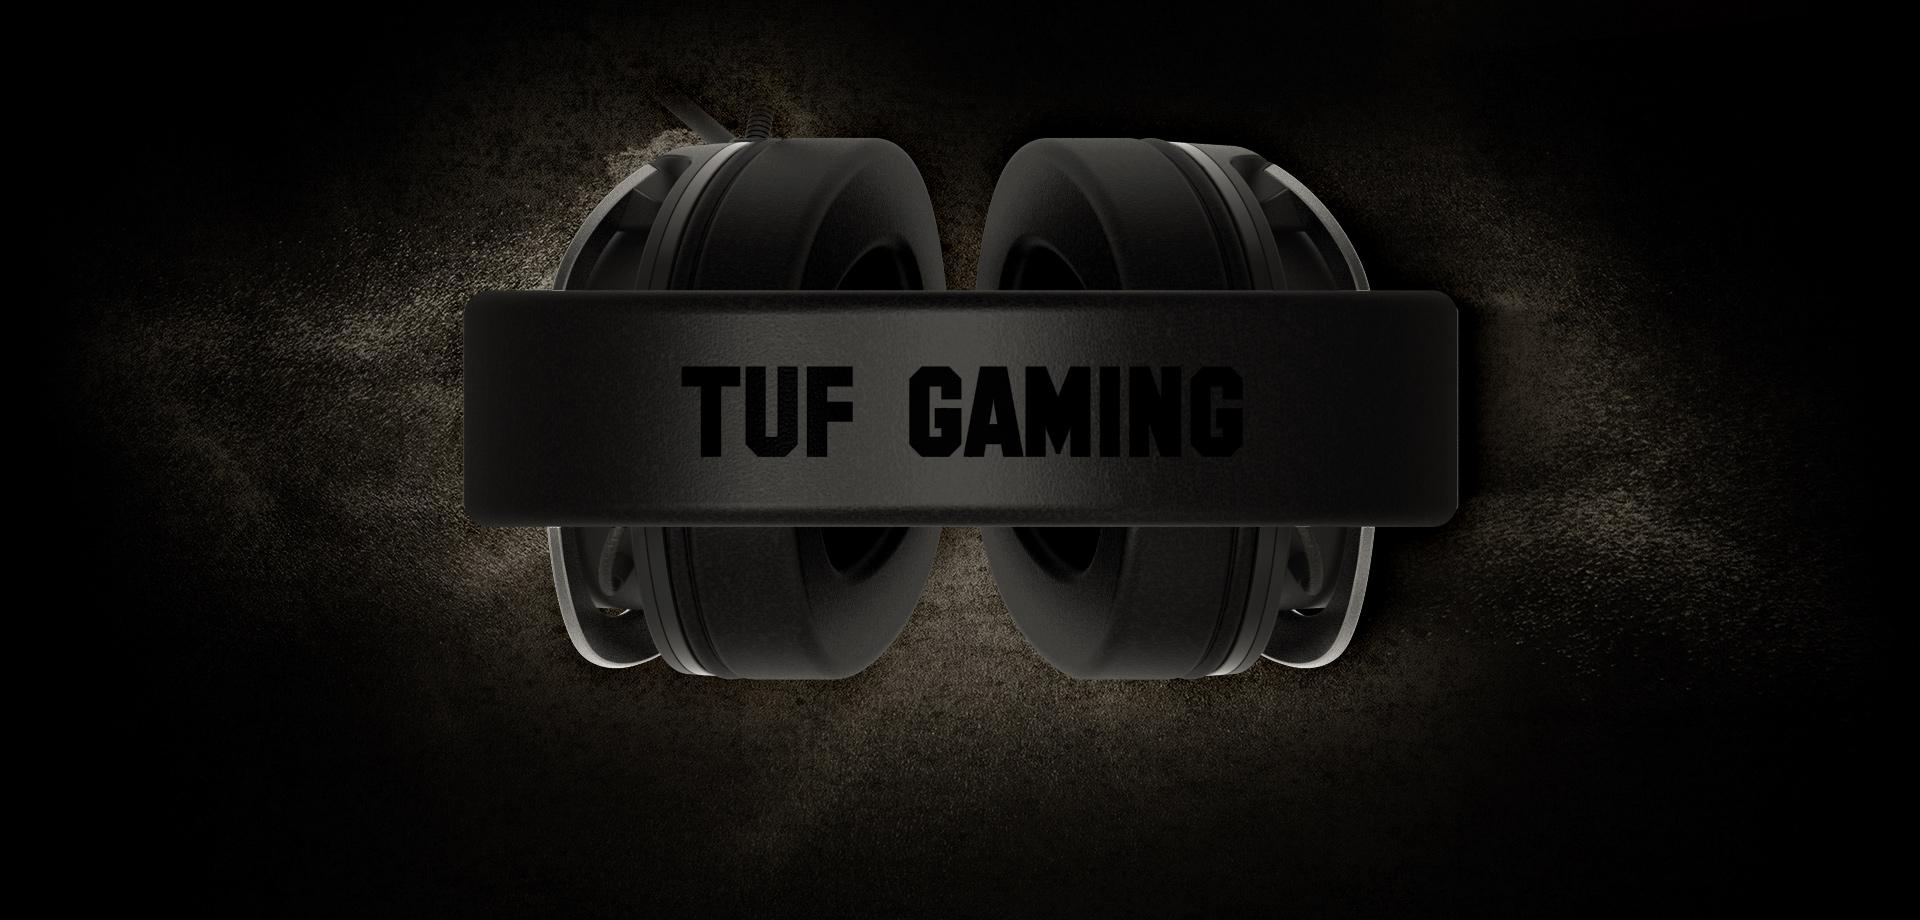 Čelenka sluchátek Asus TUF Gaming H3 má měkké polstrování a je vyrobená z nerezové oceli